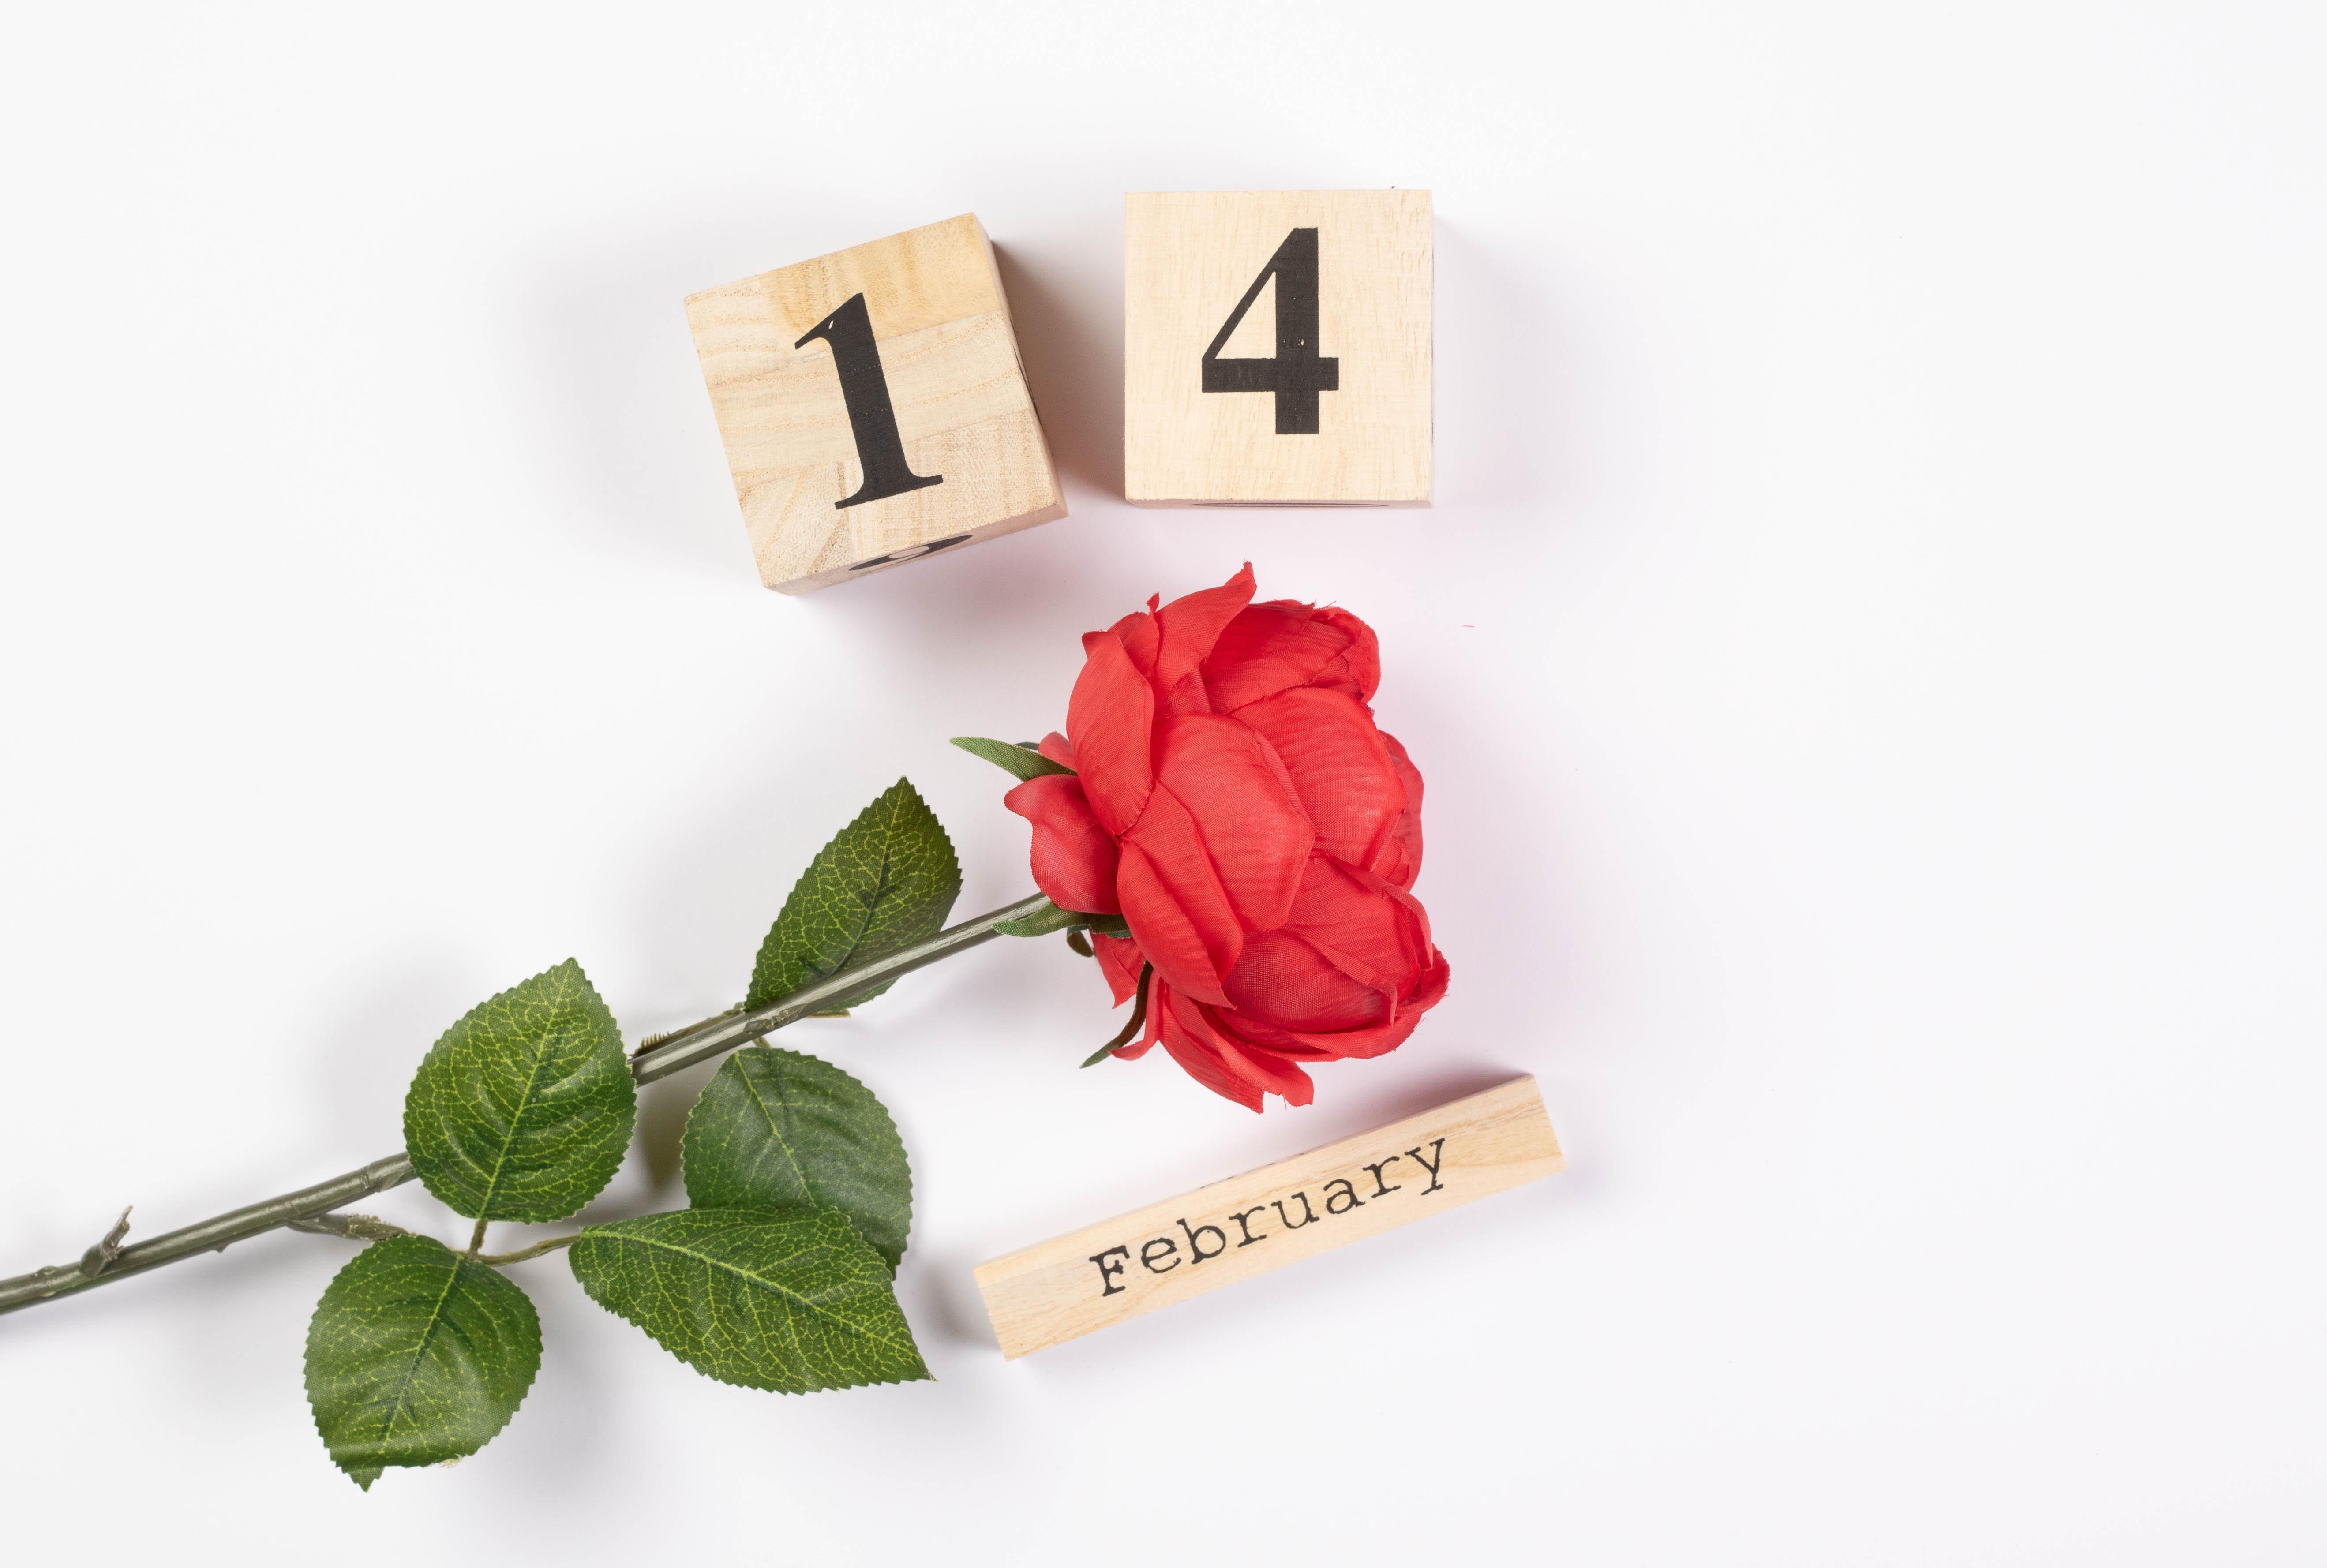 Fiori 4 Immagini 1 Parola.Sfondi Festa Di San Valentino Inglesi Rose Rosso Fiori 5275x3555